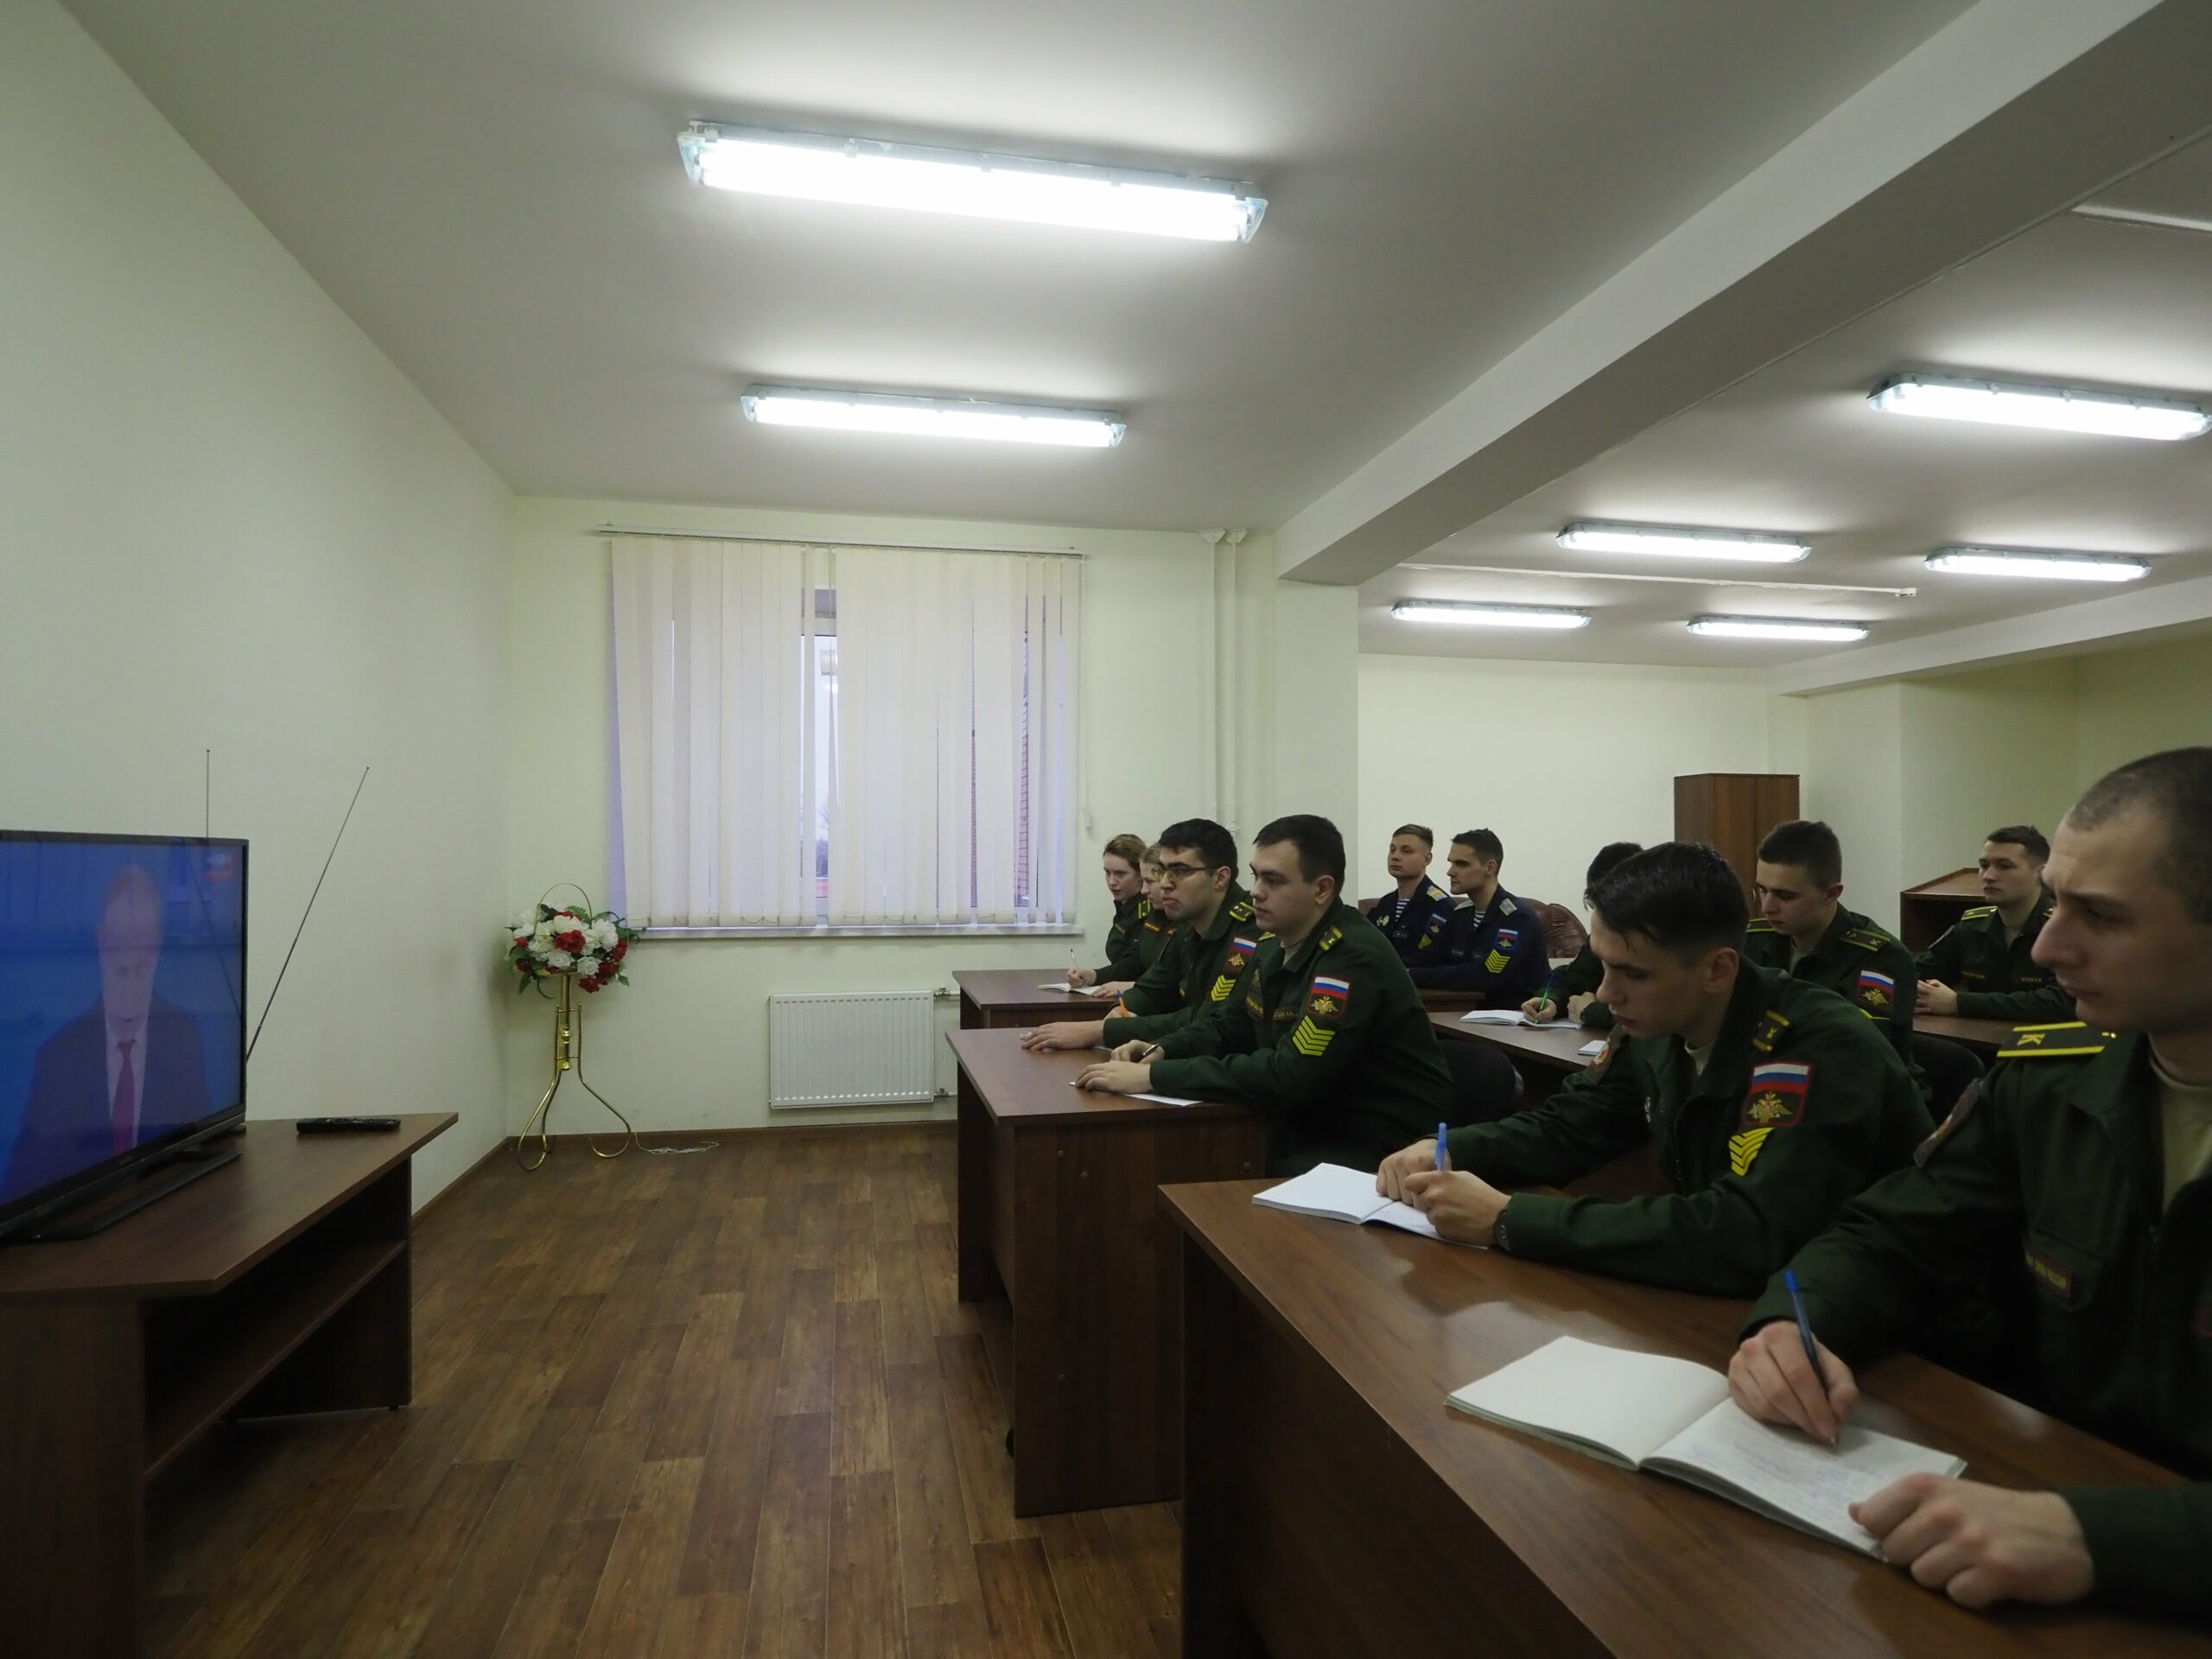 Личному составу  Военно-медицинской академии была обеспечена возможность увидеть ежегодное послание Президента России Владимира Путина Федеральному собранию